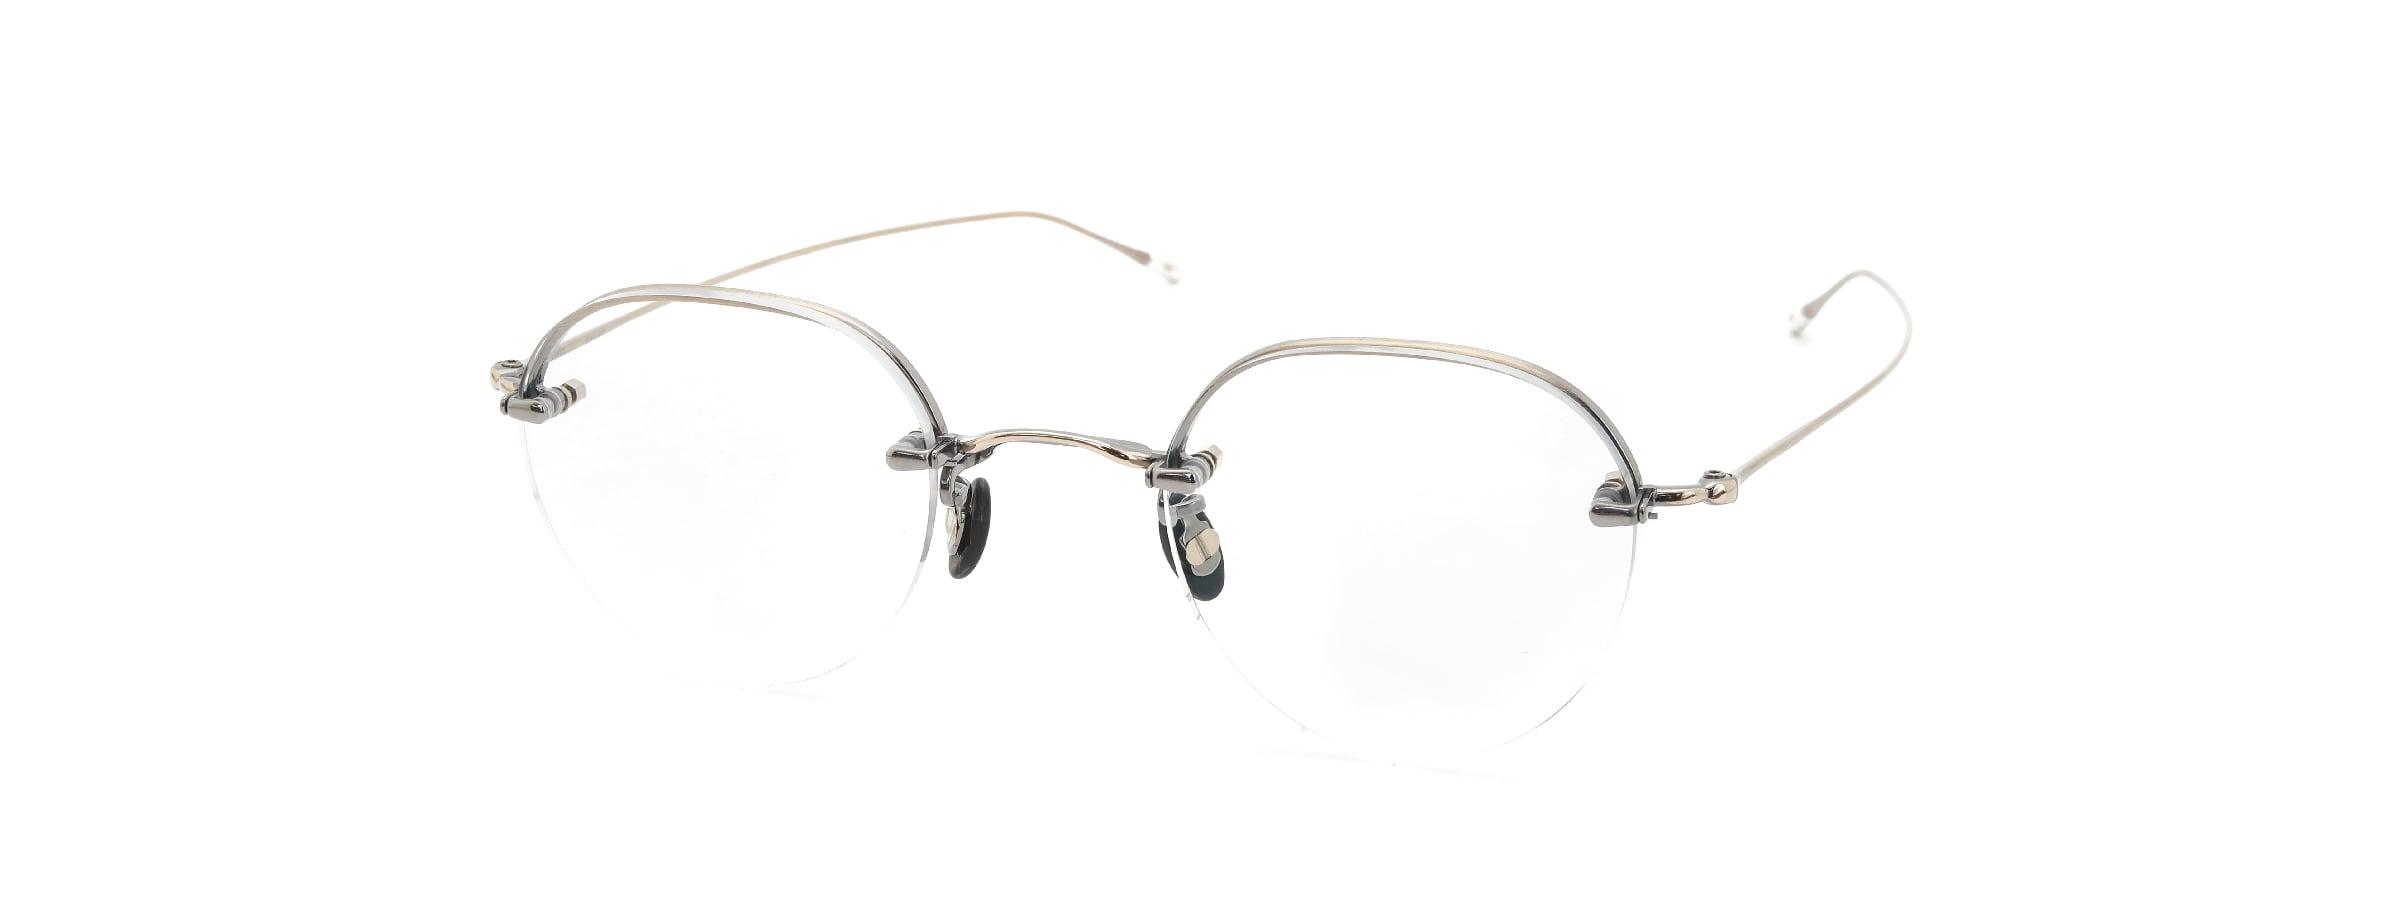 10 eyevan NO.6 Ⅱ 44 4S-CL OldGold全体像